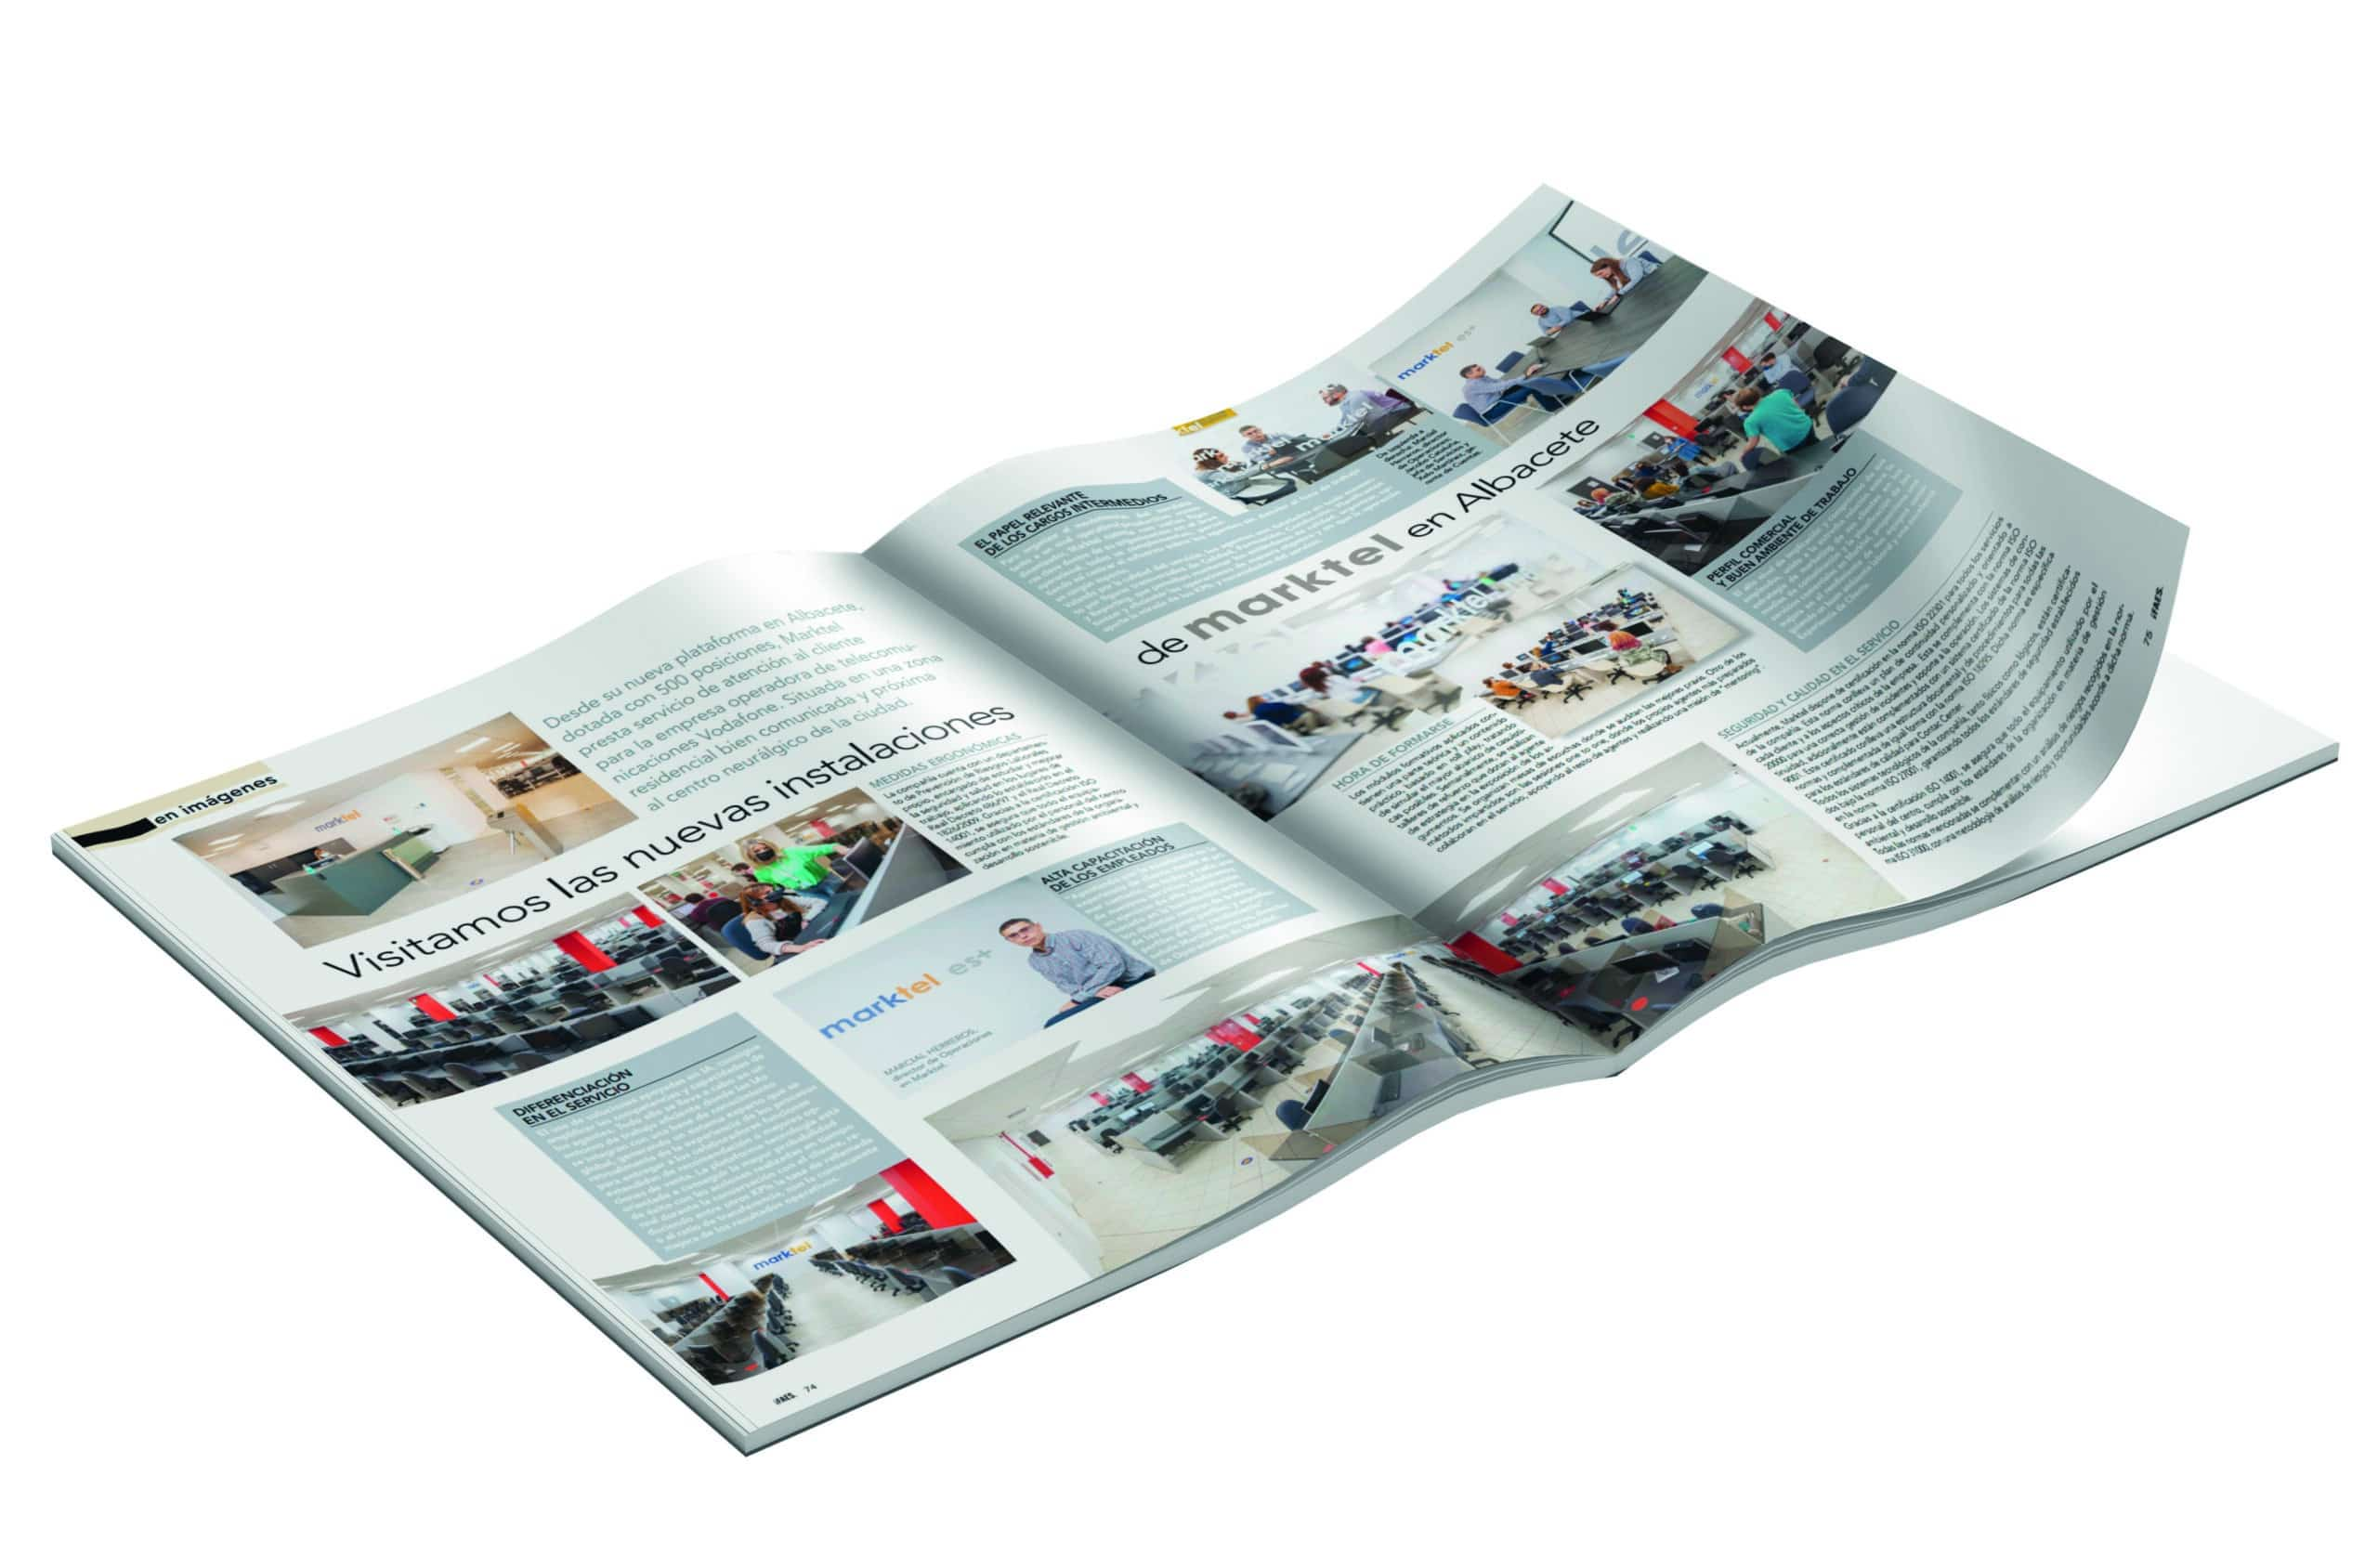 Relación Cliente, nos dedica un artículo de dos páginas tras visitar nuestras nuevas instalaciones de Albacete. ¿Nos lees? Marktel